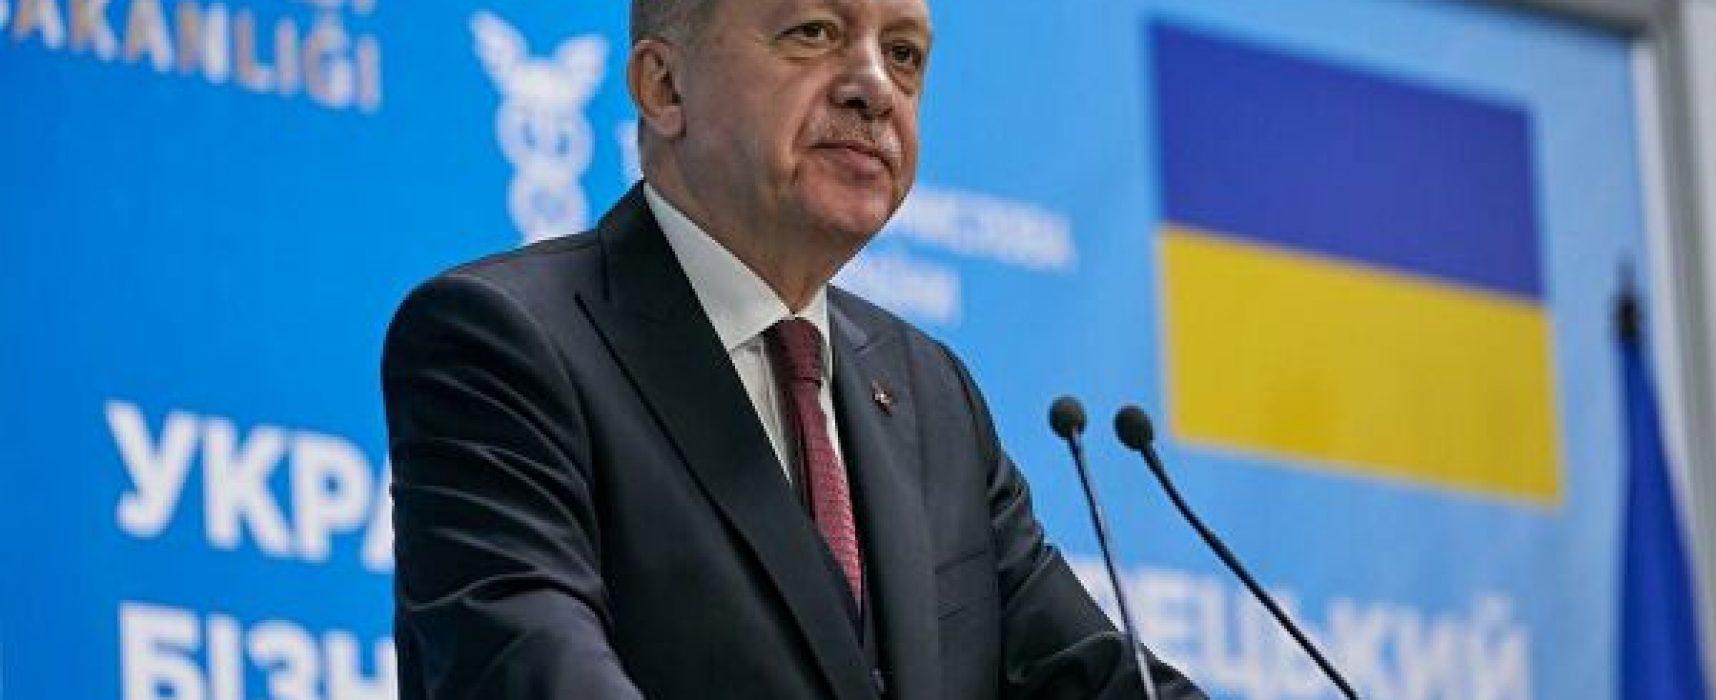 Лавров пригадав, що Ердоган не відкидав запрошення до Криму. Але він його і не приймав, а Крим визнає українським